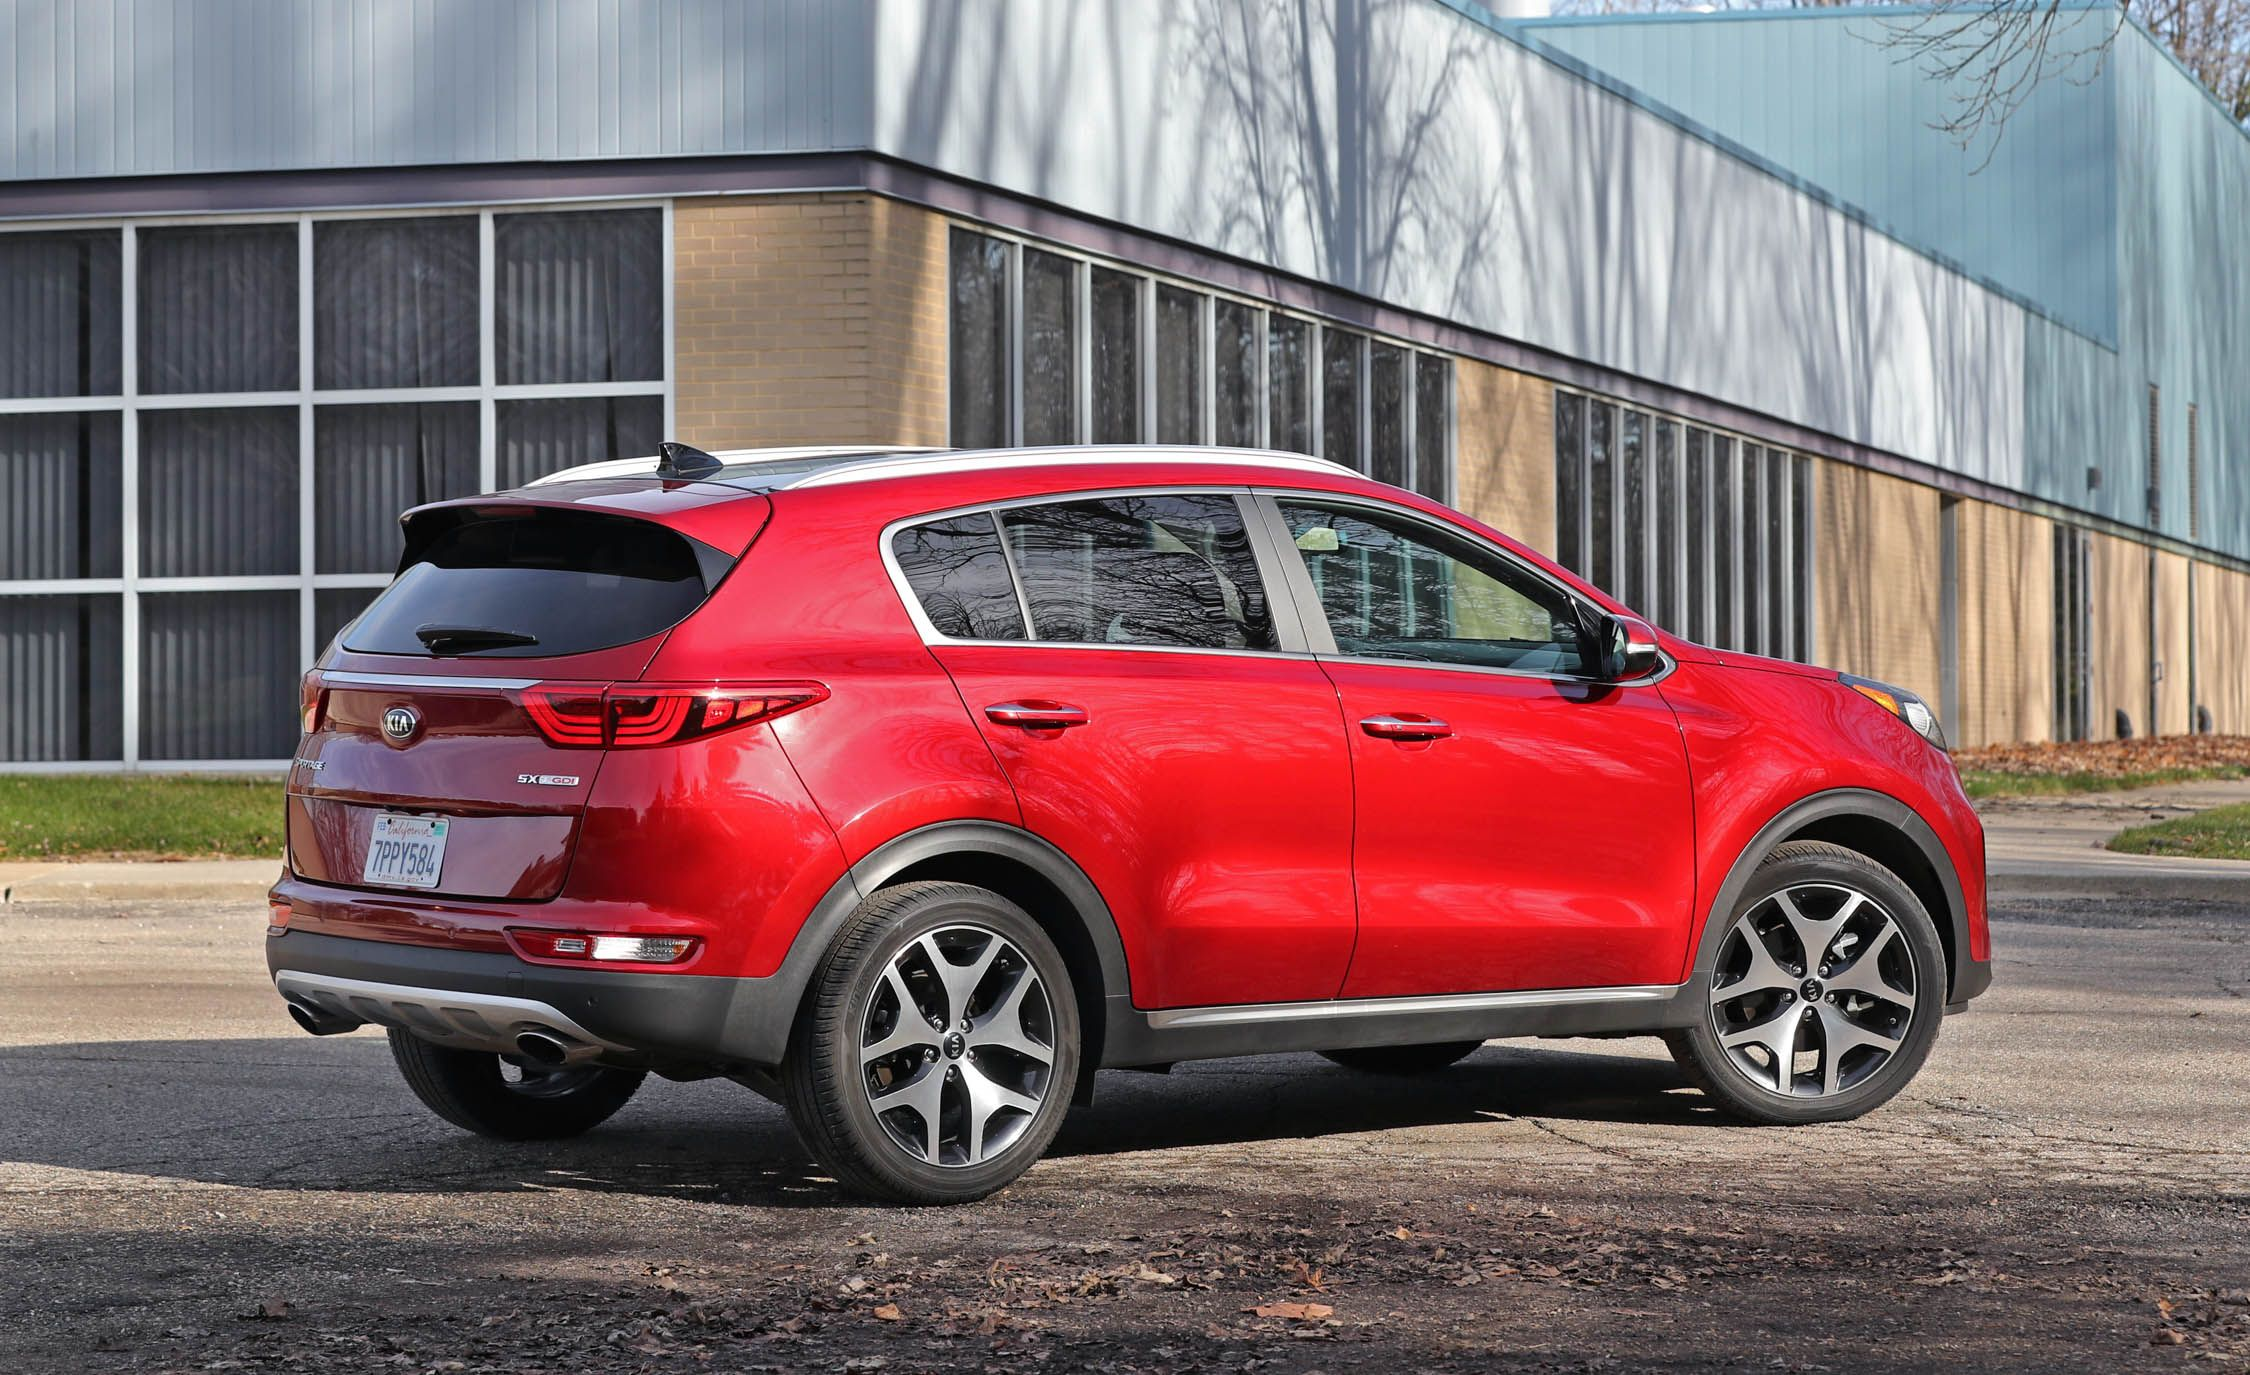 Kia Sportage Reviews Price Photos And Specs Car